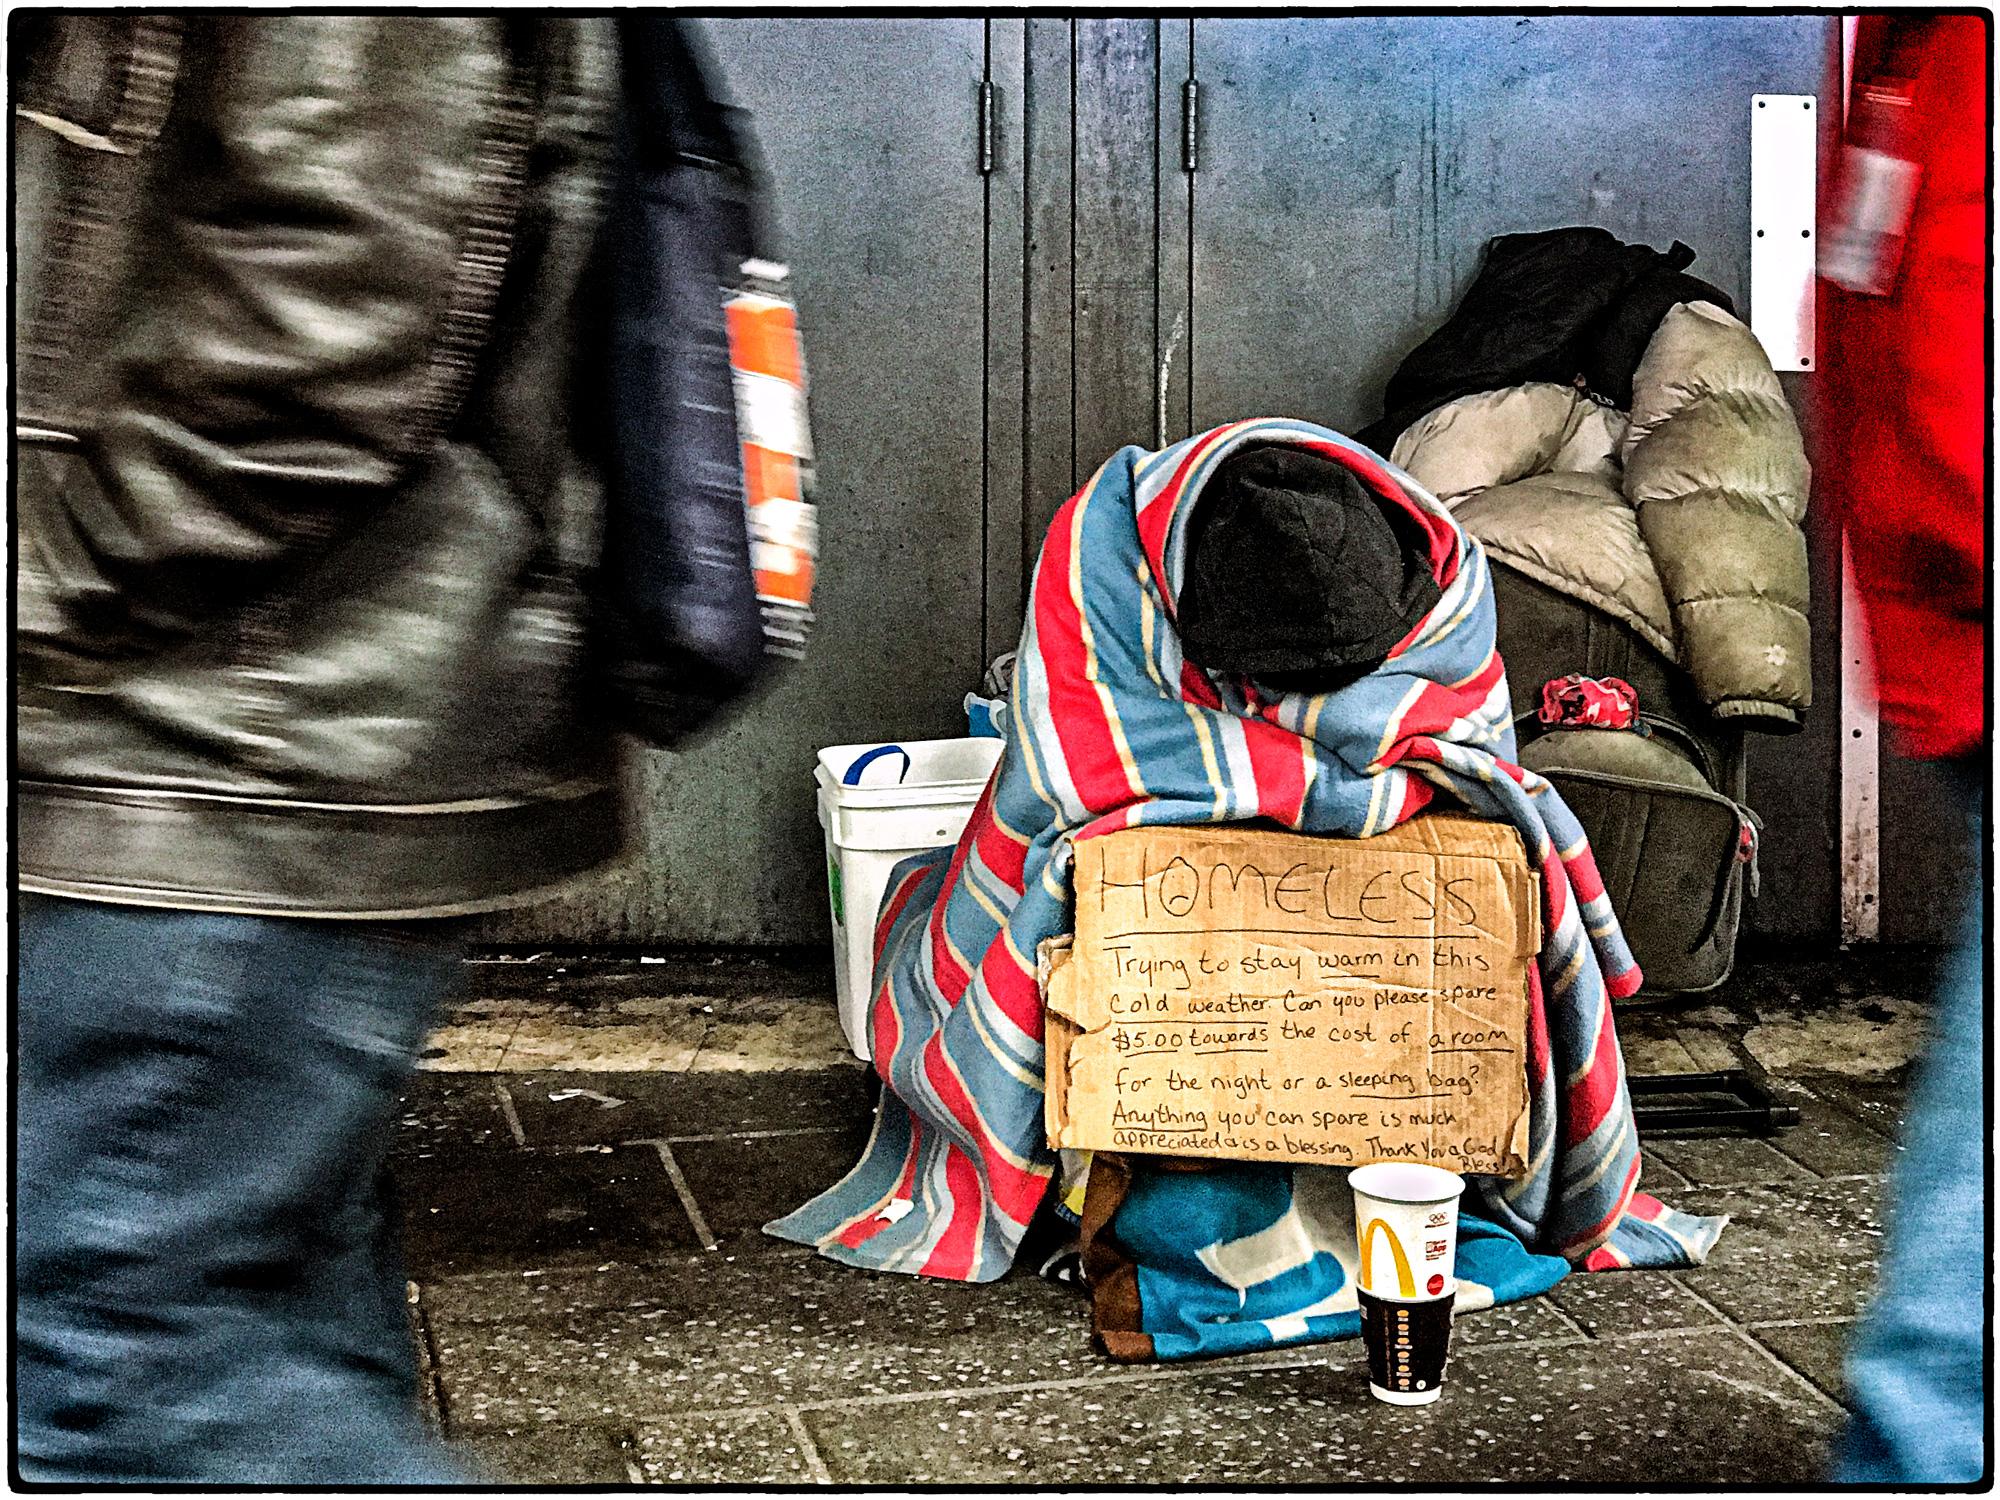 2017_03_26-Homeless_02.jpg